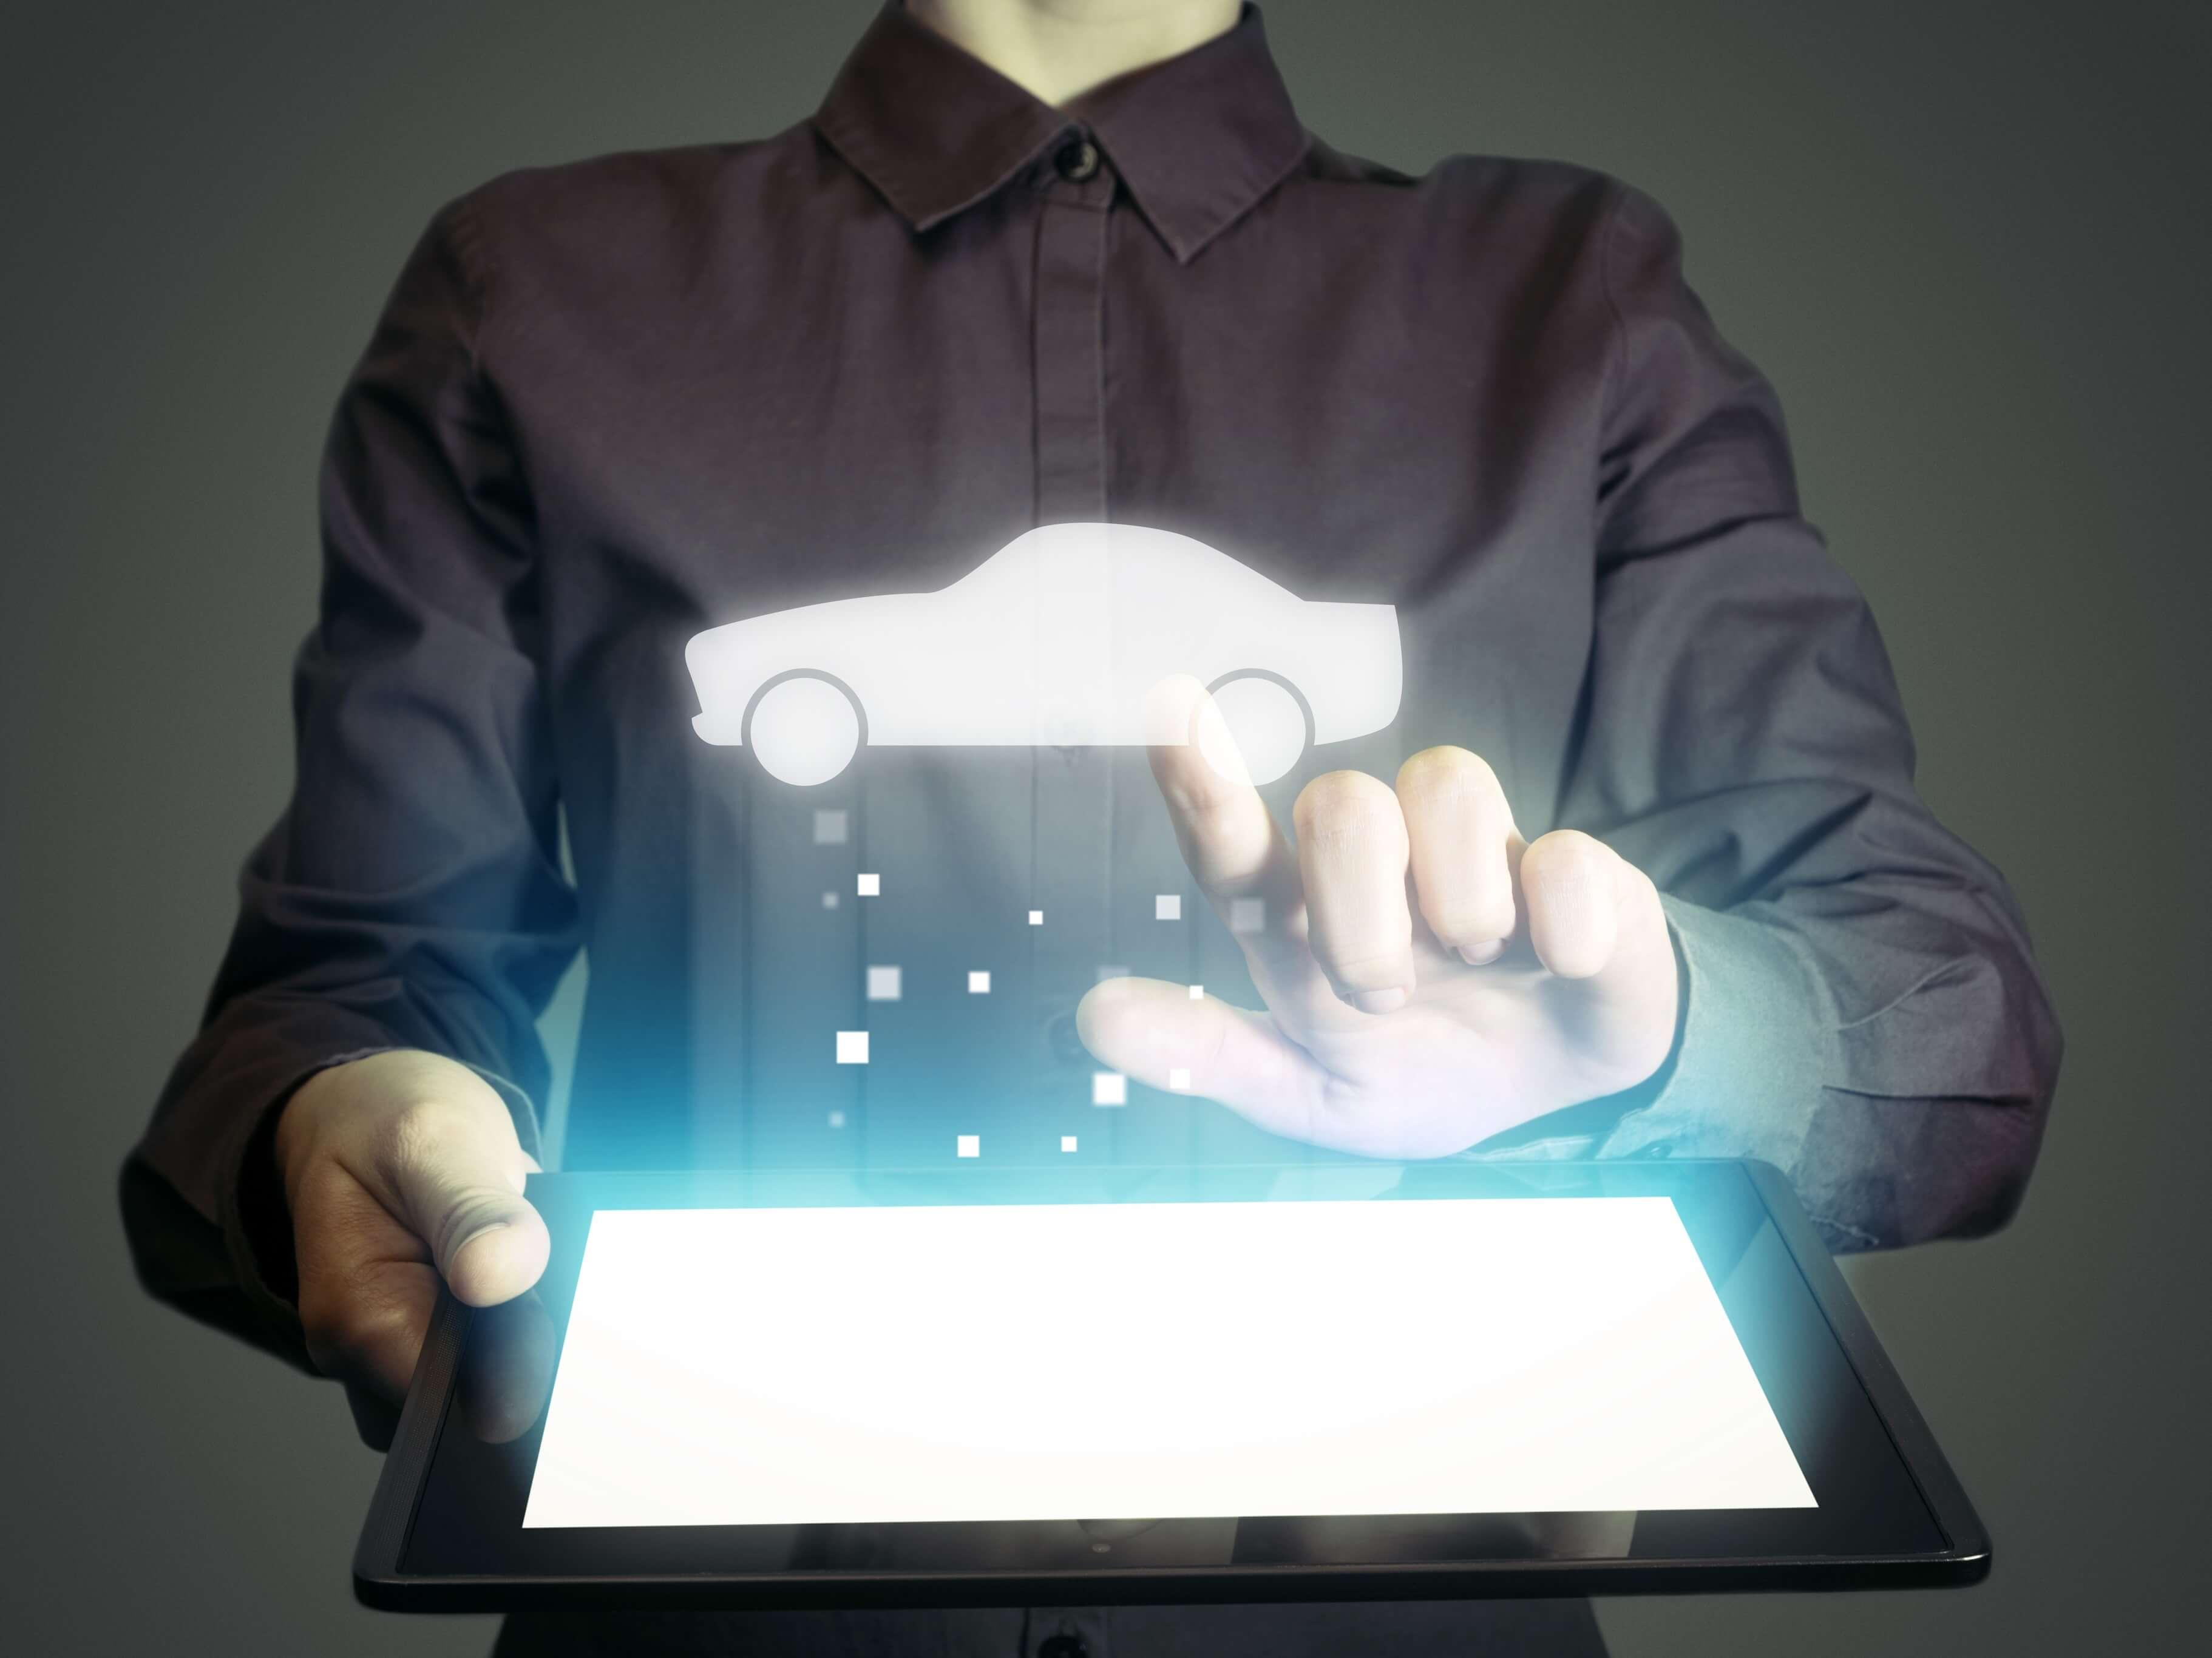 Leilões Virtuais, Veja Como Eles Podem Ajudar na Compra de um Carro Novo